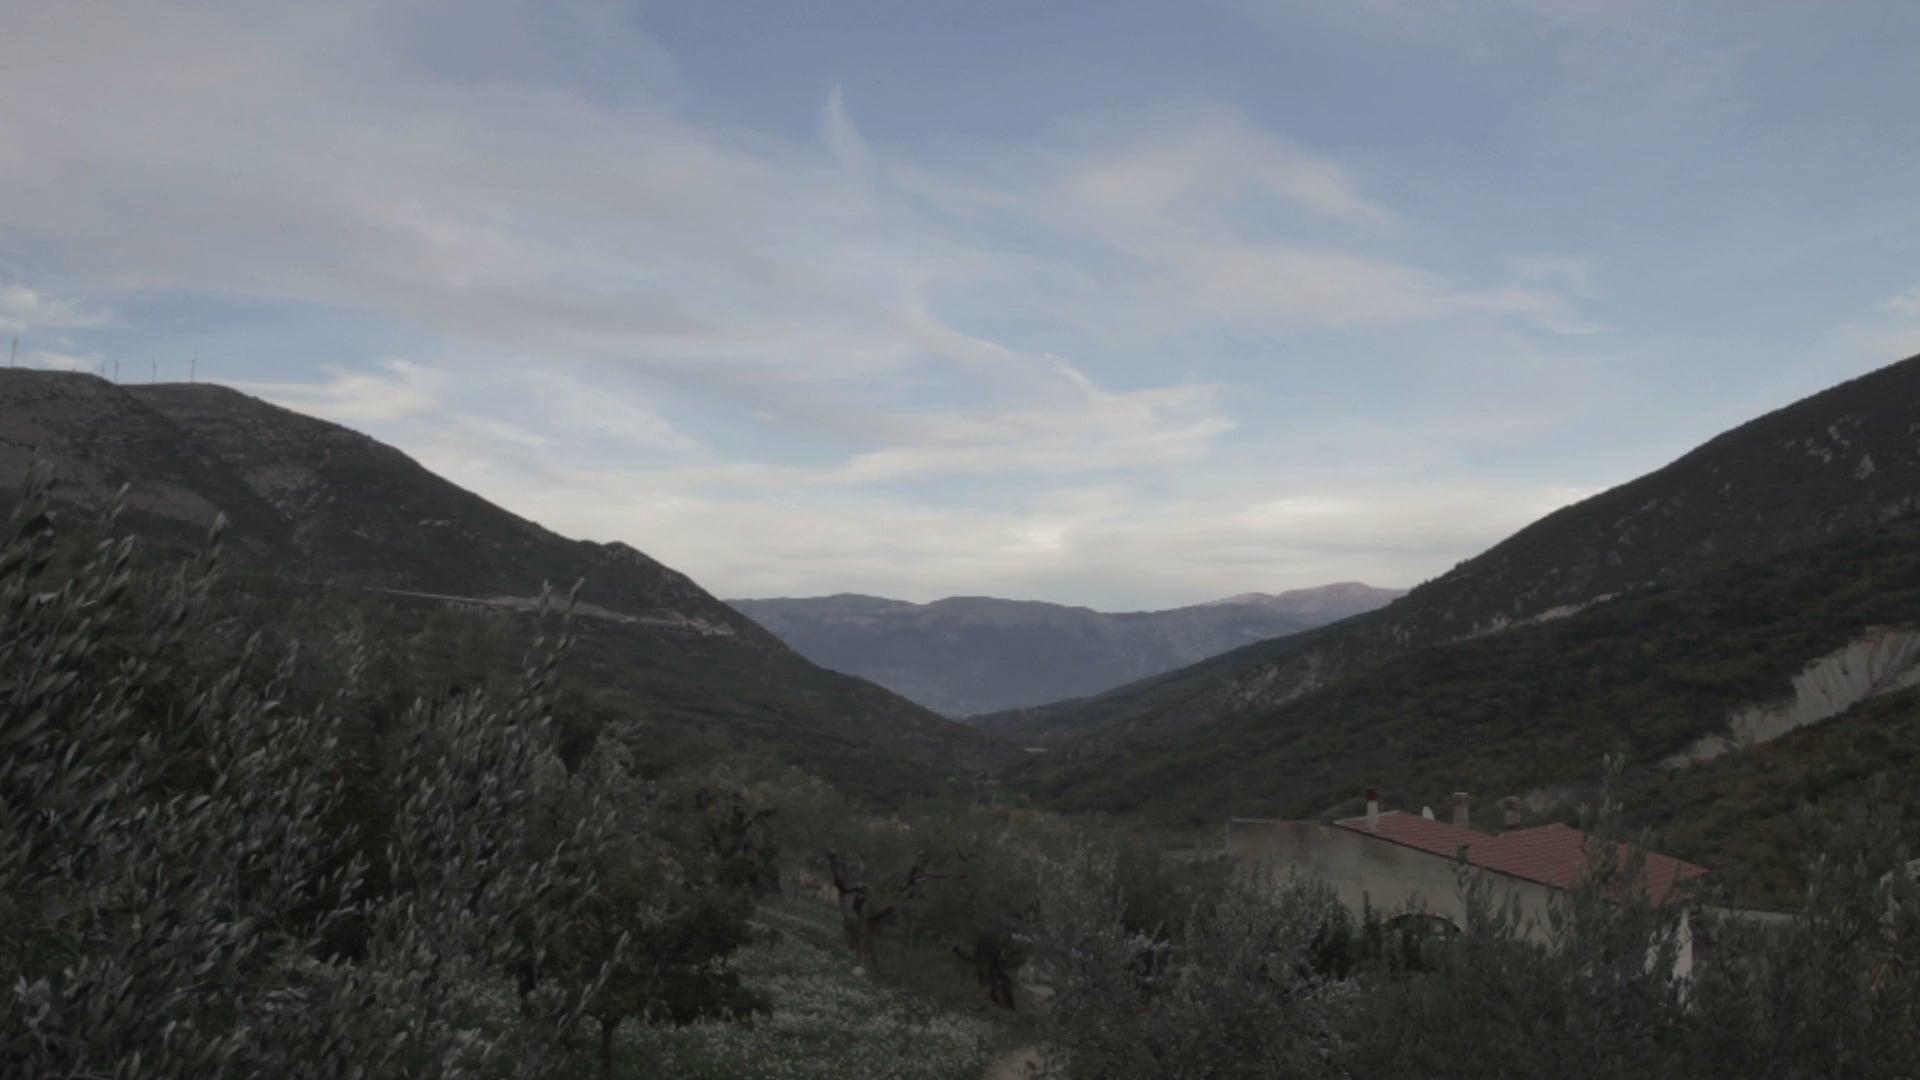 LA FONTE DI OGNI GIORNO - San Benedetto